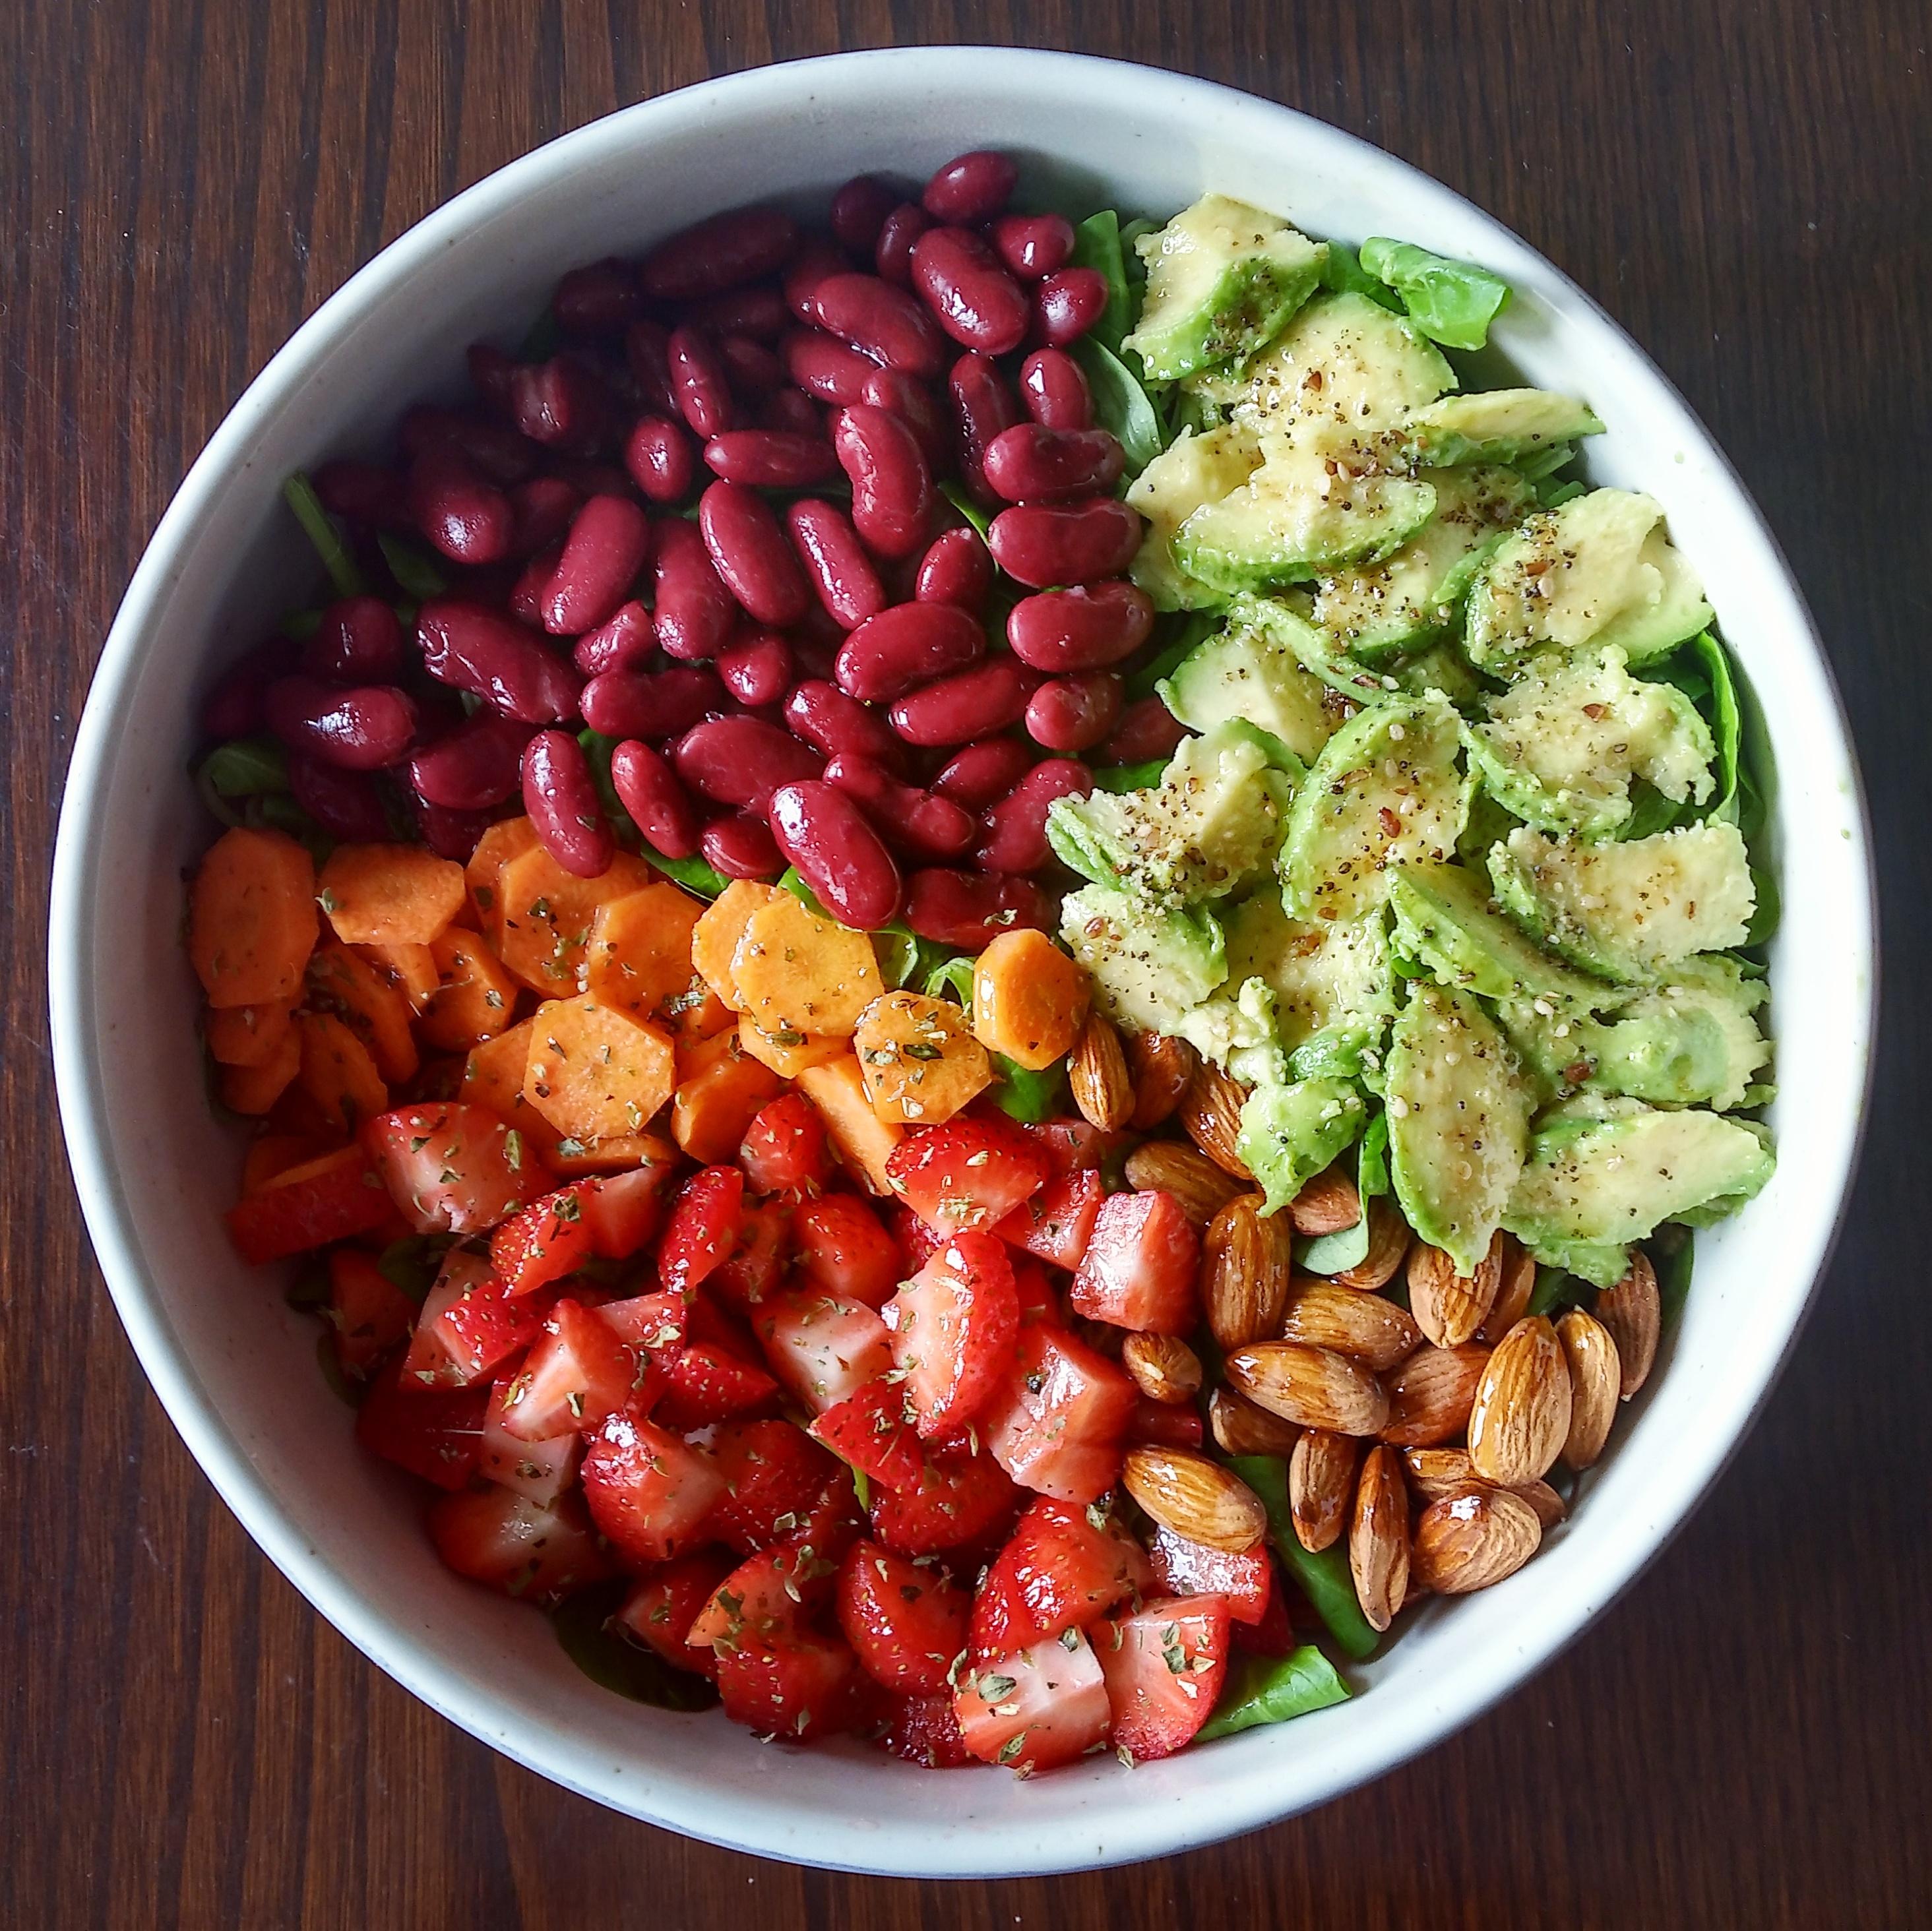 Bol de brotes, azukis, aguacate, almendras, fresas y zanahoria